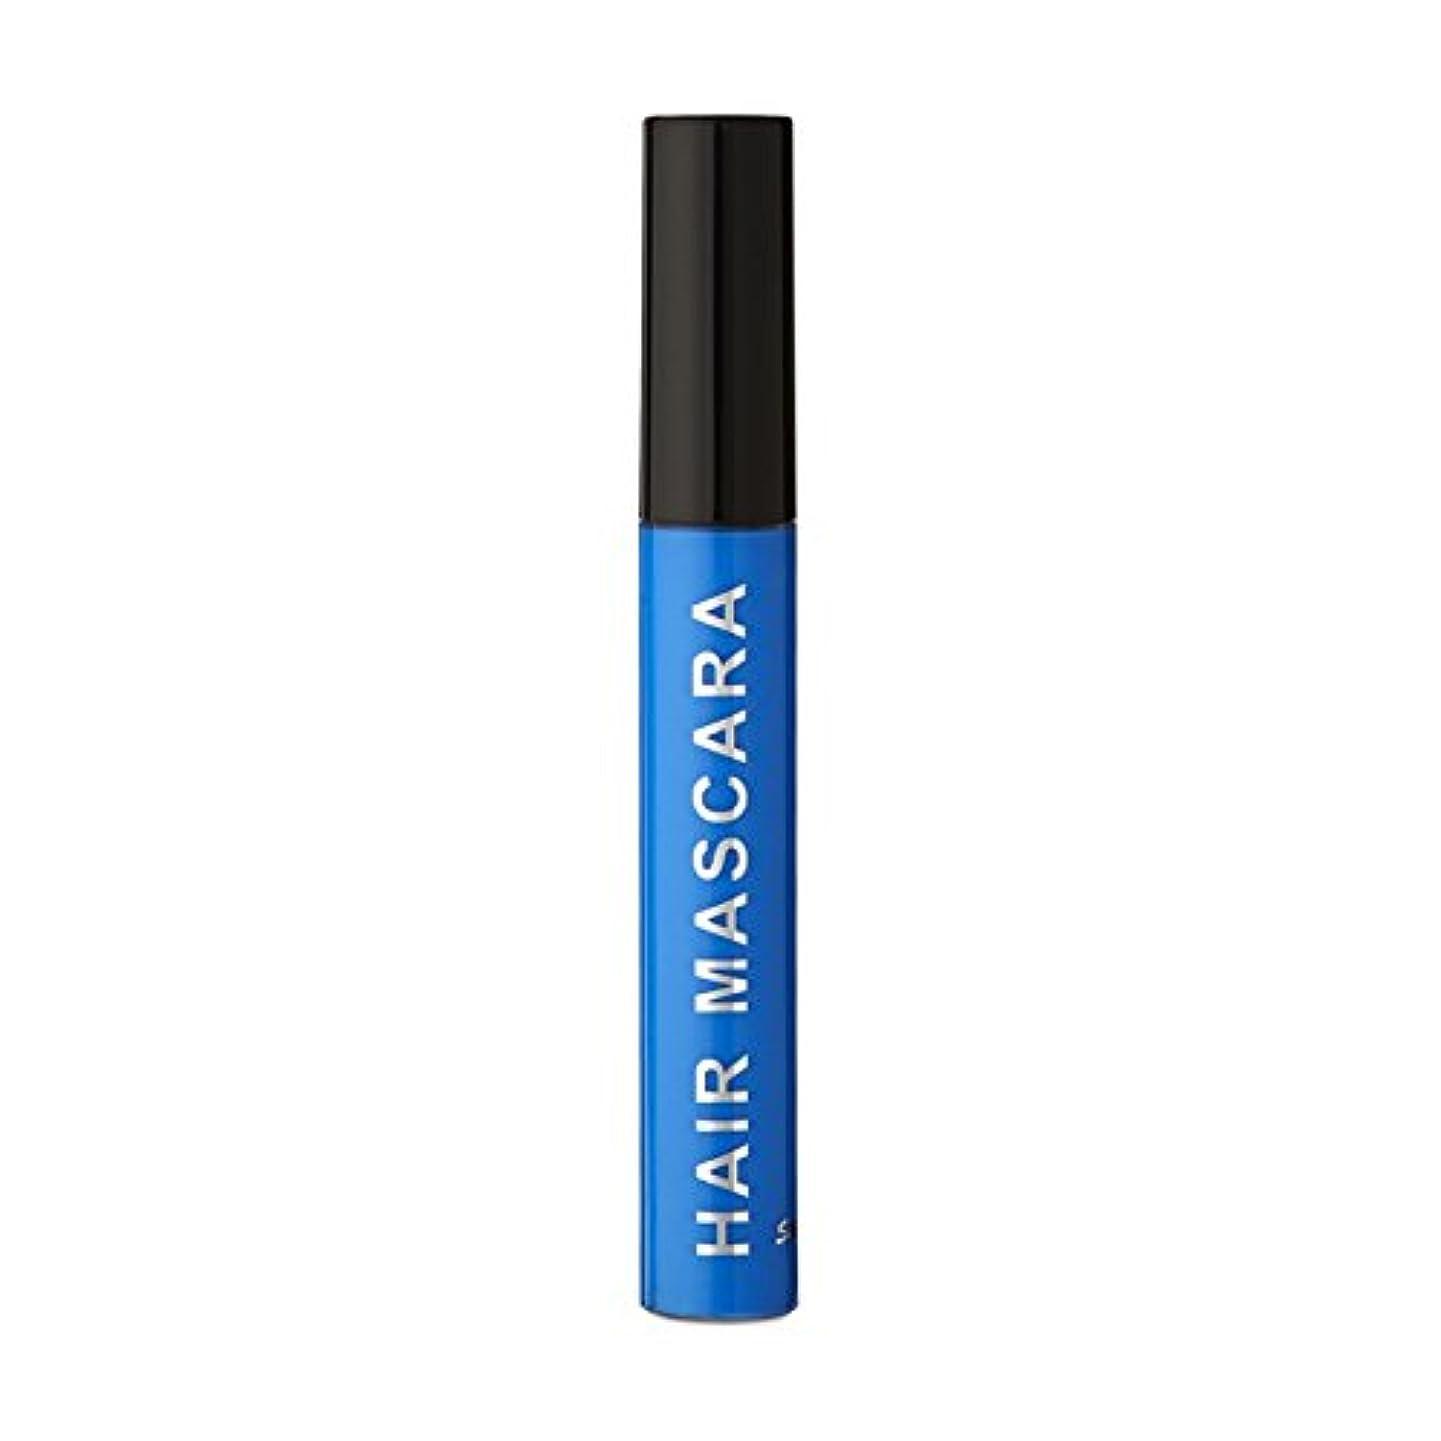 アレス スターゲイザー ヘアマスカラ ブルー(UV) 11g